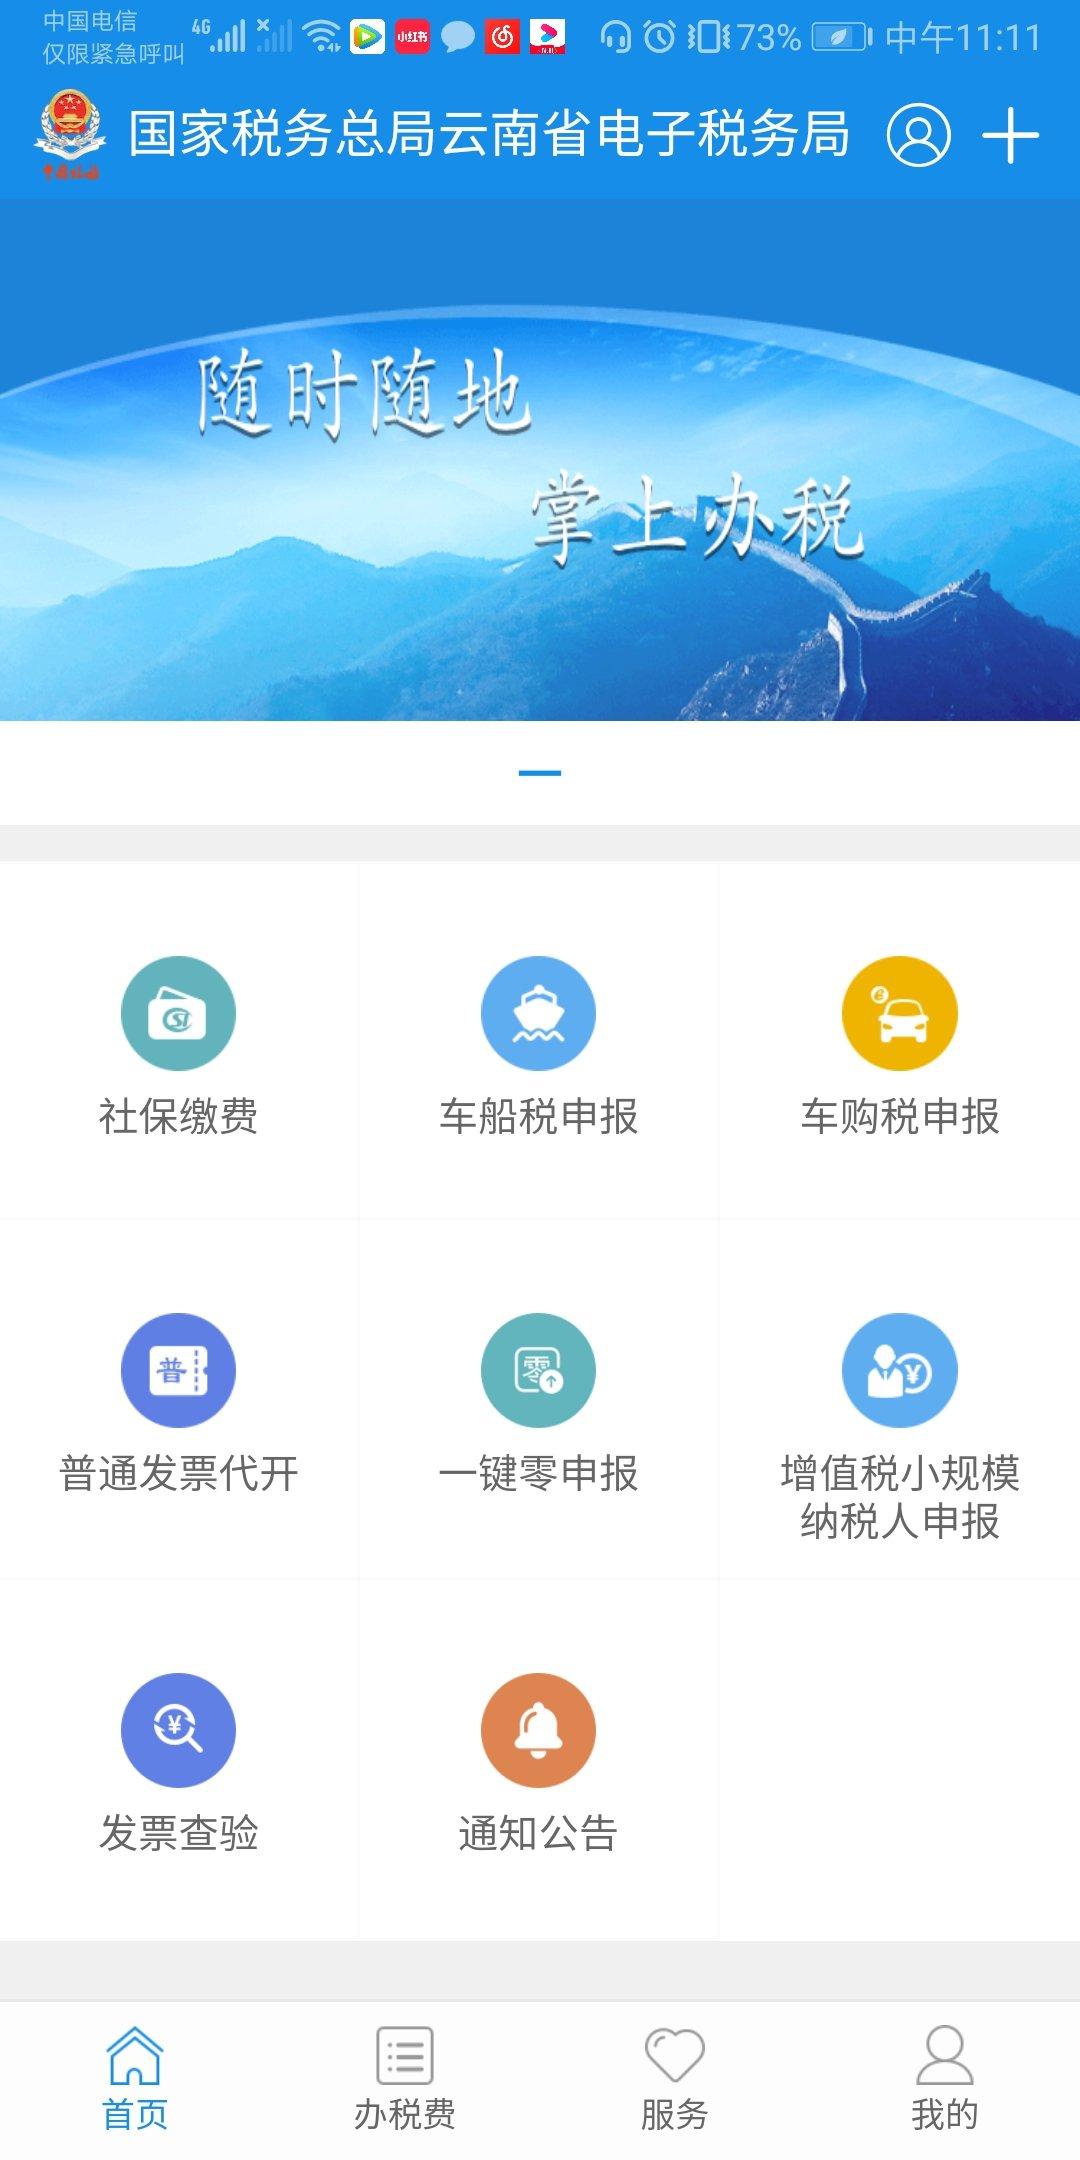 云南省网上税务局APP下载入口(附APP功能展示)